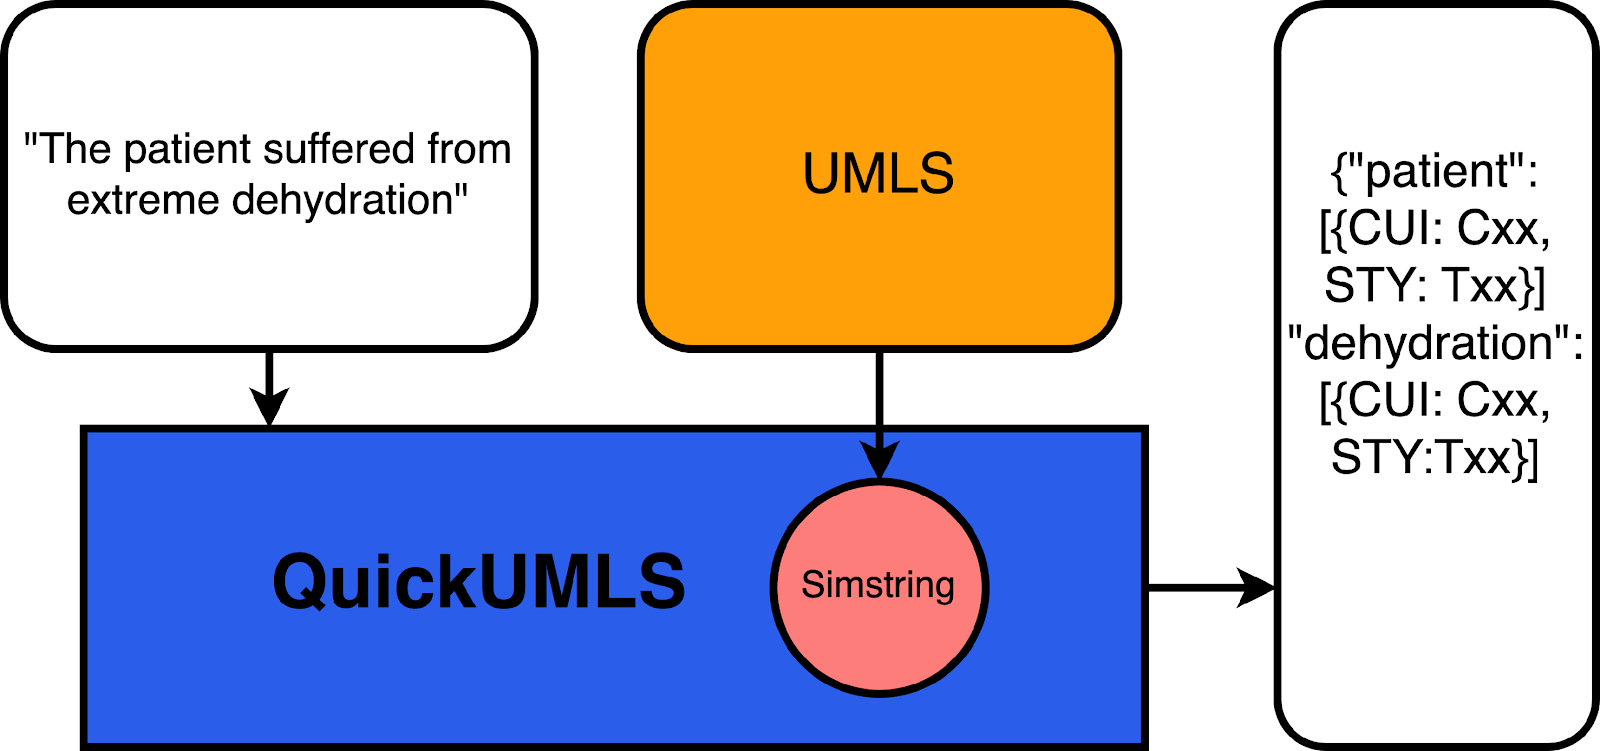 Рисунок 1. Схематическое описание того, как работает QuickUMLS. Получив строку, базу данных UMLS, превращённую в БД simstring, модель возвращает оптимальные соответствия, идентификаторы понятий и семантические типы